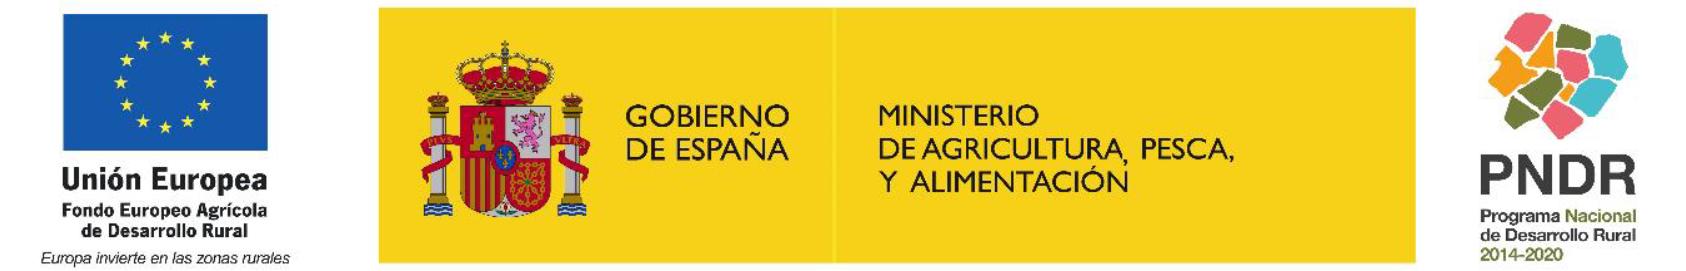 Logos Gobierno de España